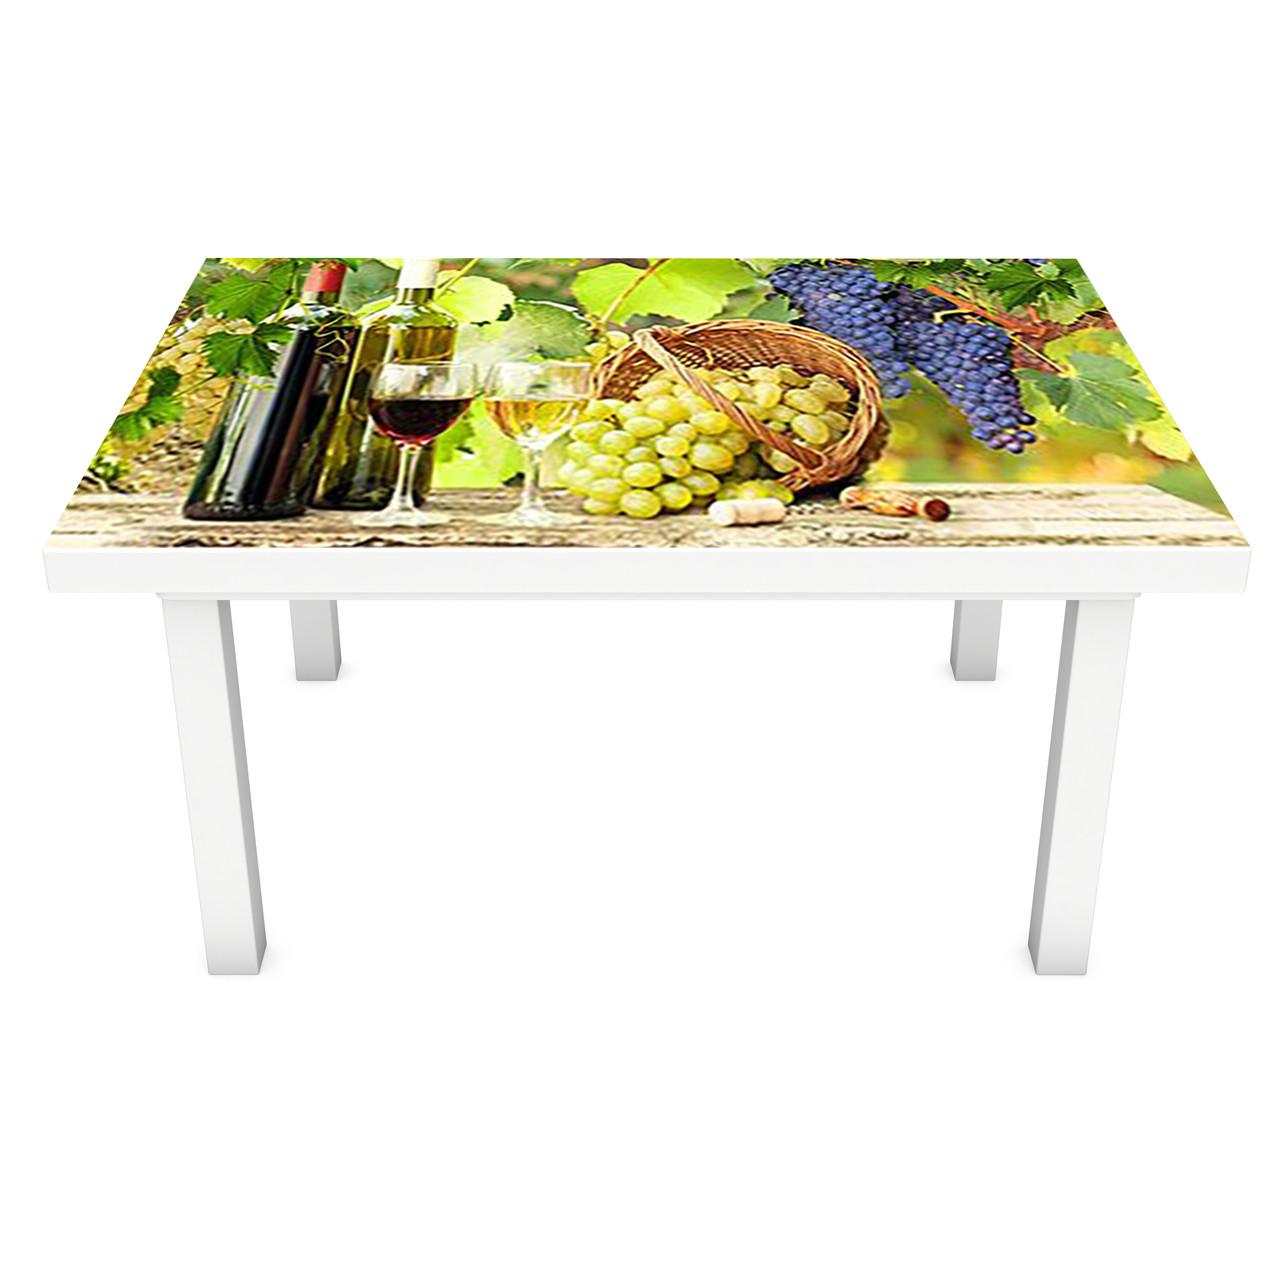 Виниловая наклейка на стол Солнечный Виноград (интерьерная ПВХ пленка для мебели) вино лоза бокал Зеленый 600*1200 мм